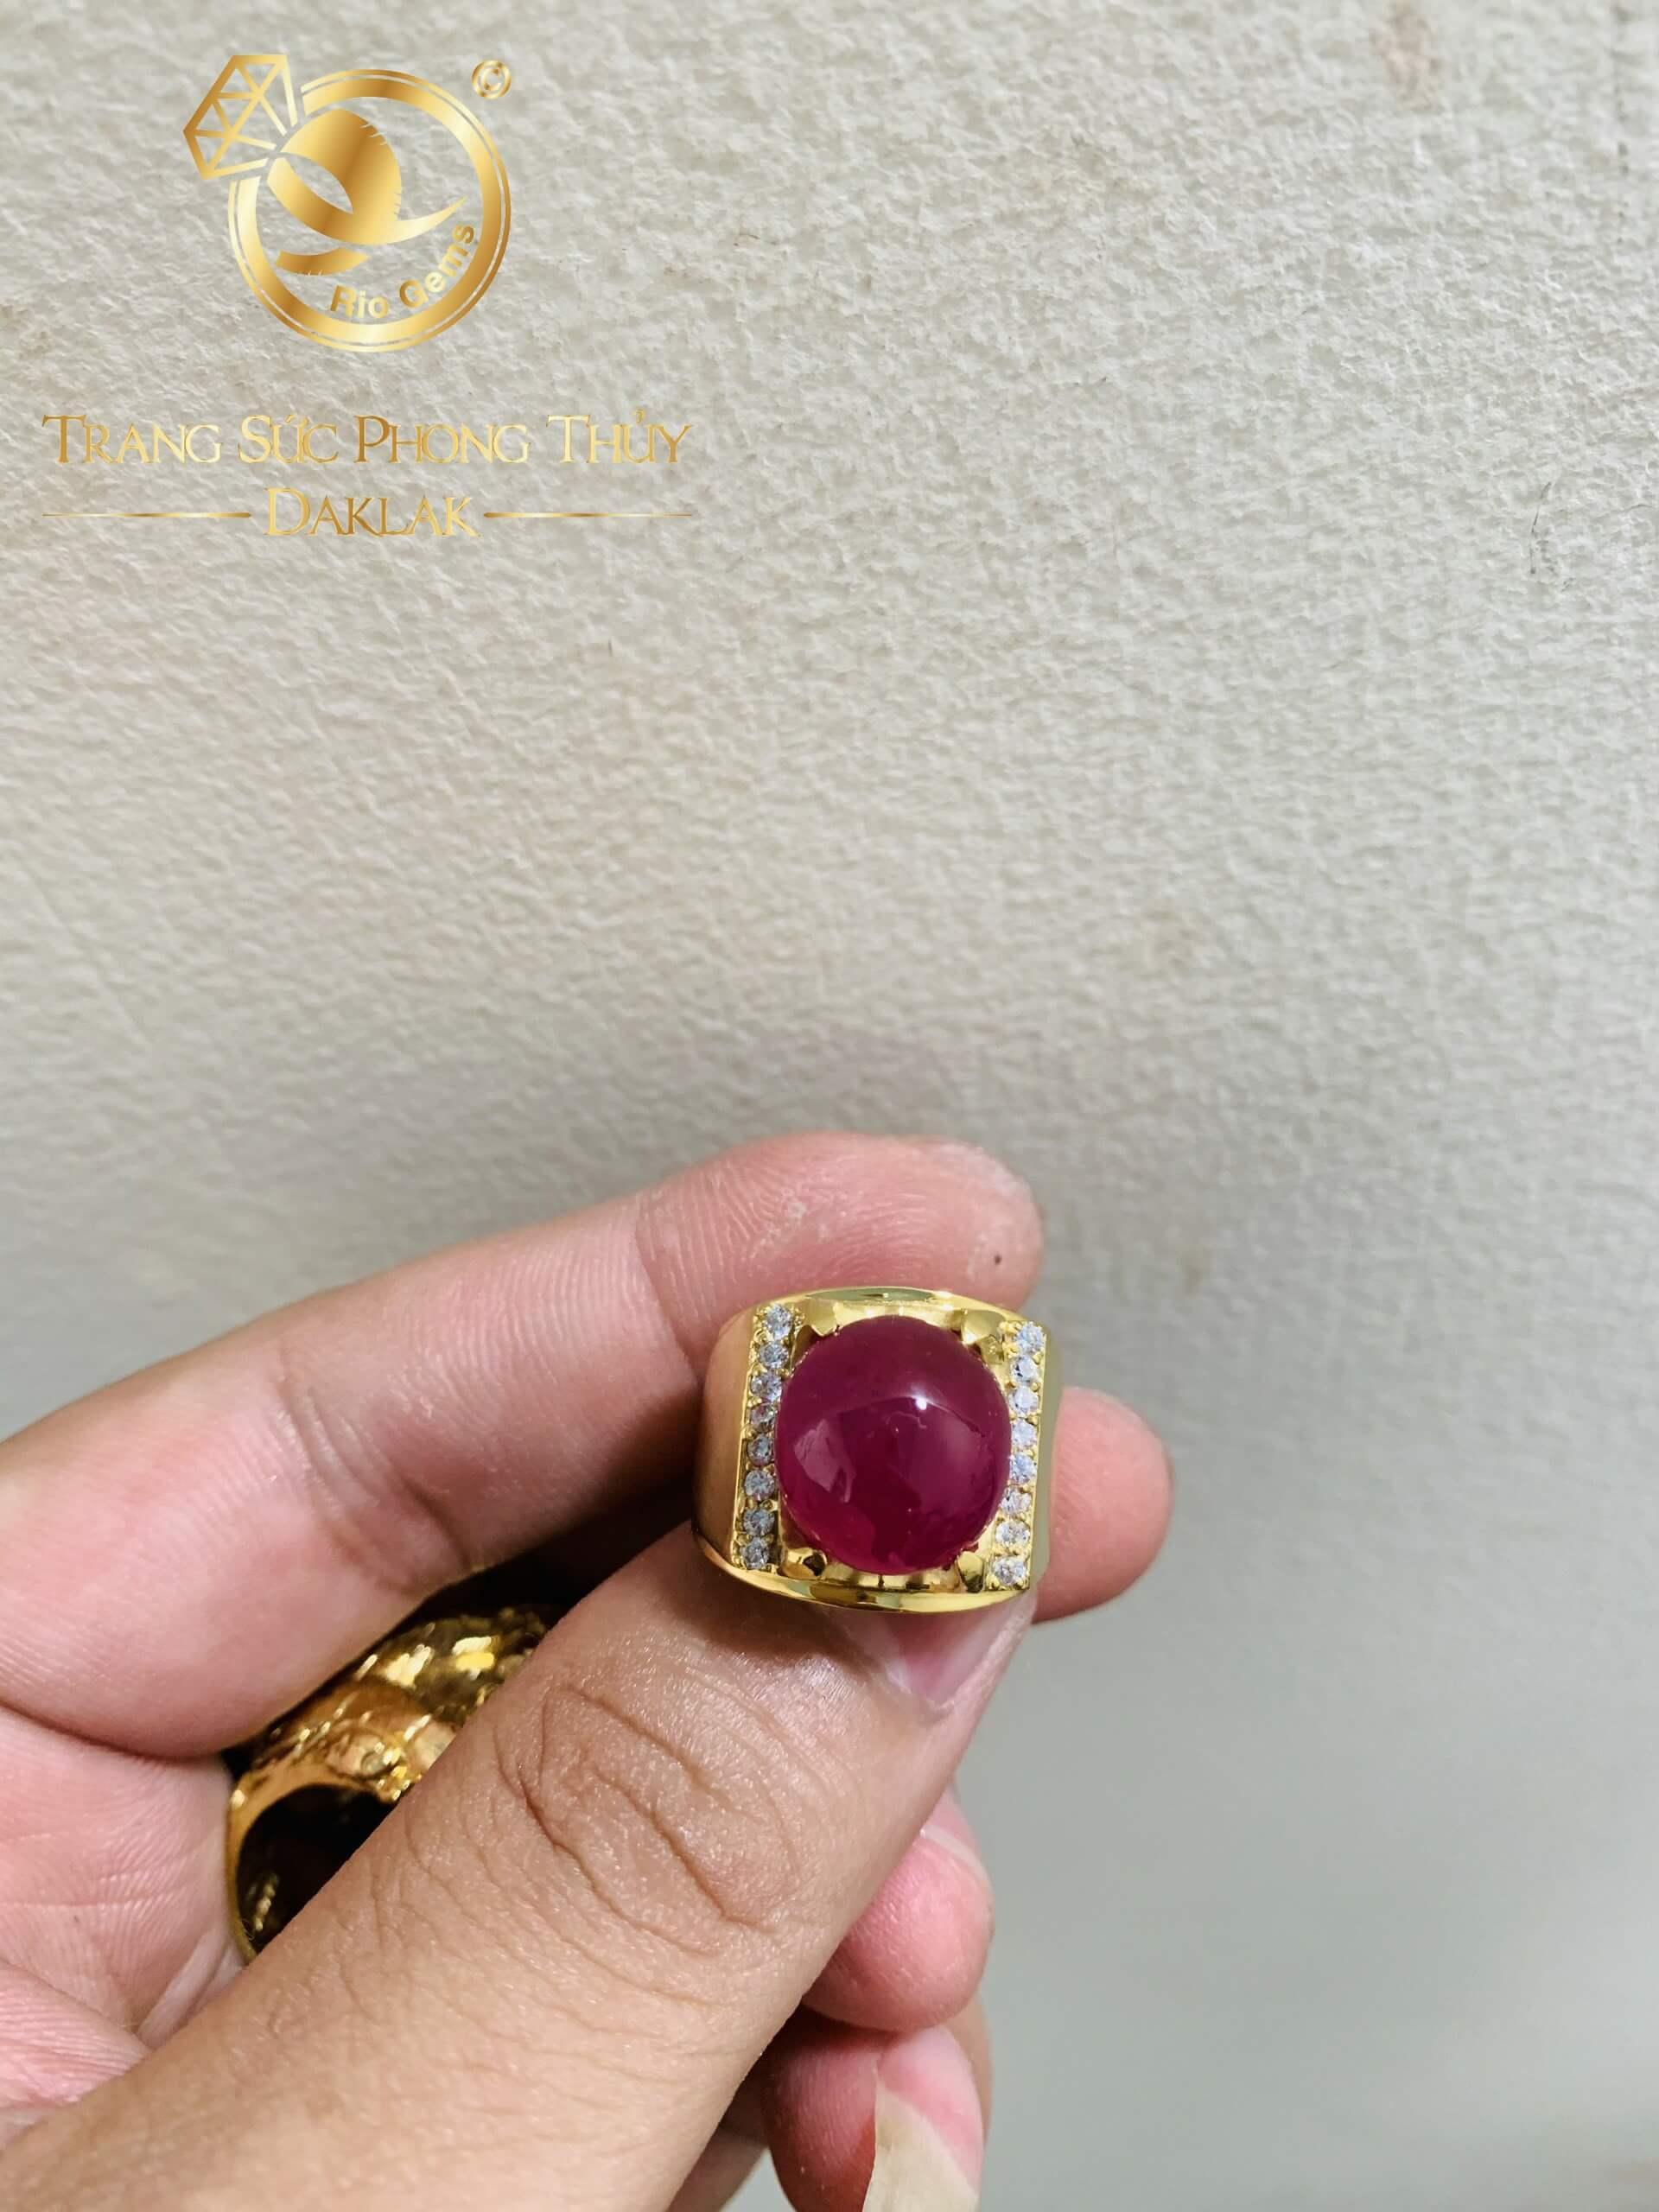 Nhẫn nam vàng 18K Ruby Yên Bái đính đá tấm RIOGEMs - Biểu tượng của thành công, hạnh phúc và đẳng cấp